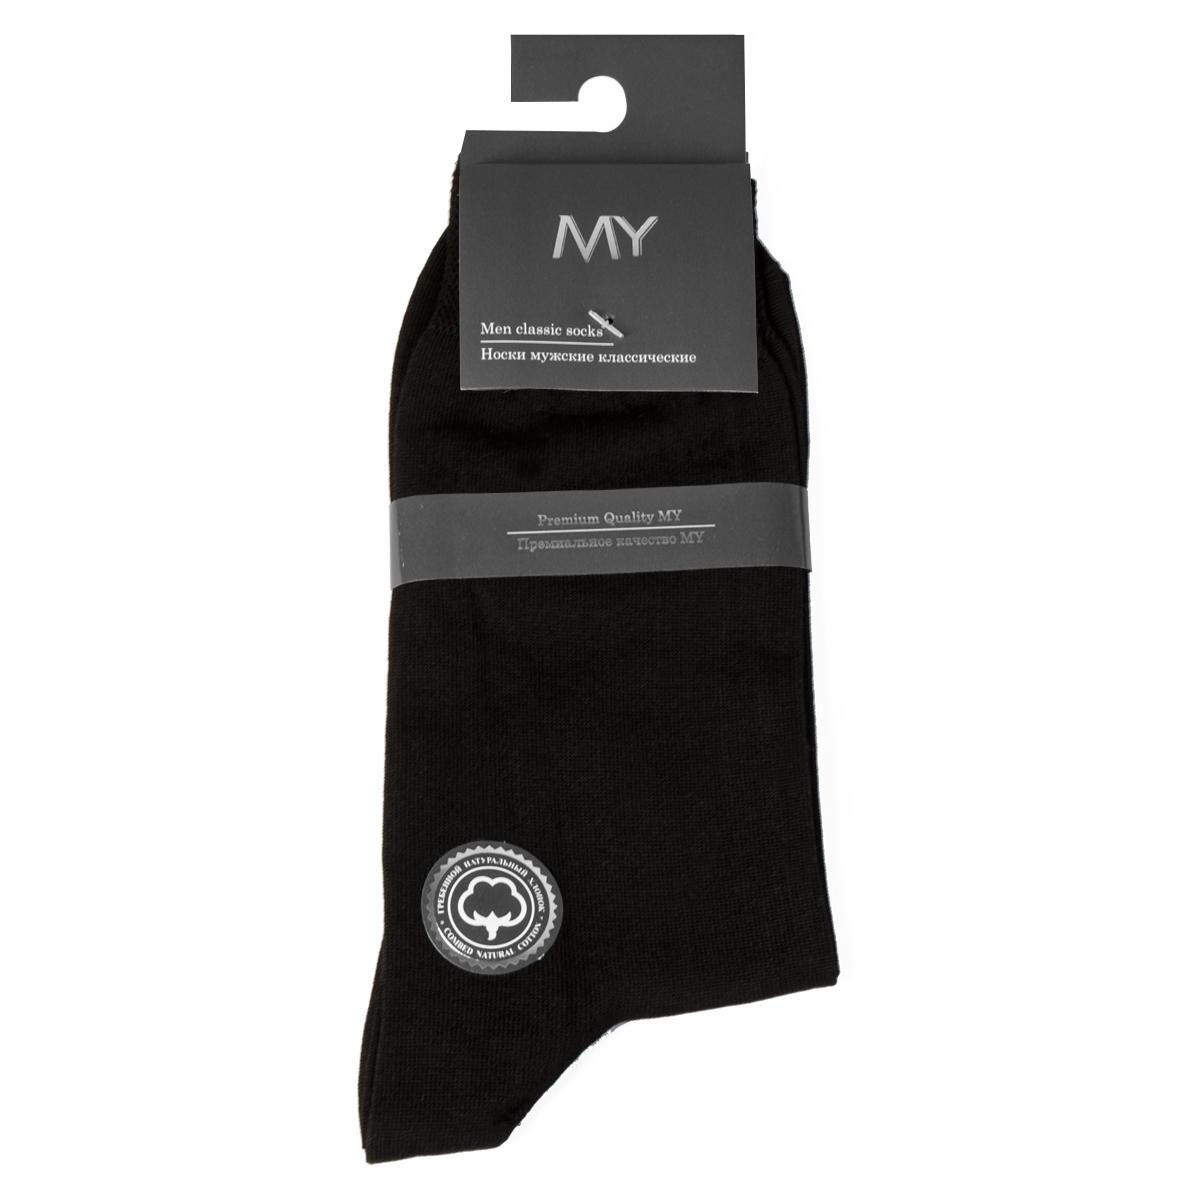 Носки мужские Mirey, цвет: черный. MSC 004. Размер (41/43)MSC 004Классические мужские носки от Mirey выполнены из мерсеризованного хлопка. Усиленный мысок и пятка, комфортная двойная резинка сетка, плоский шов.